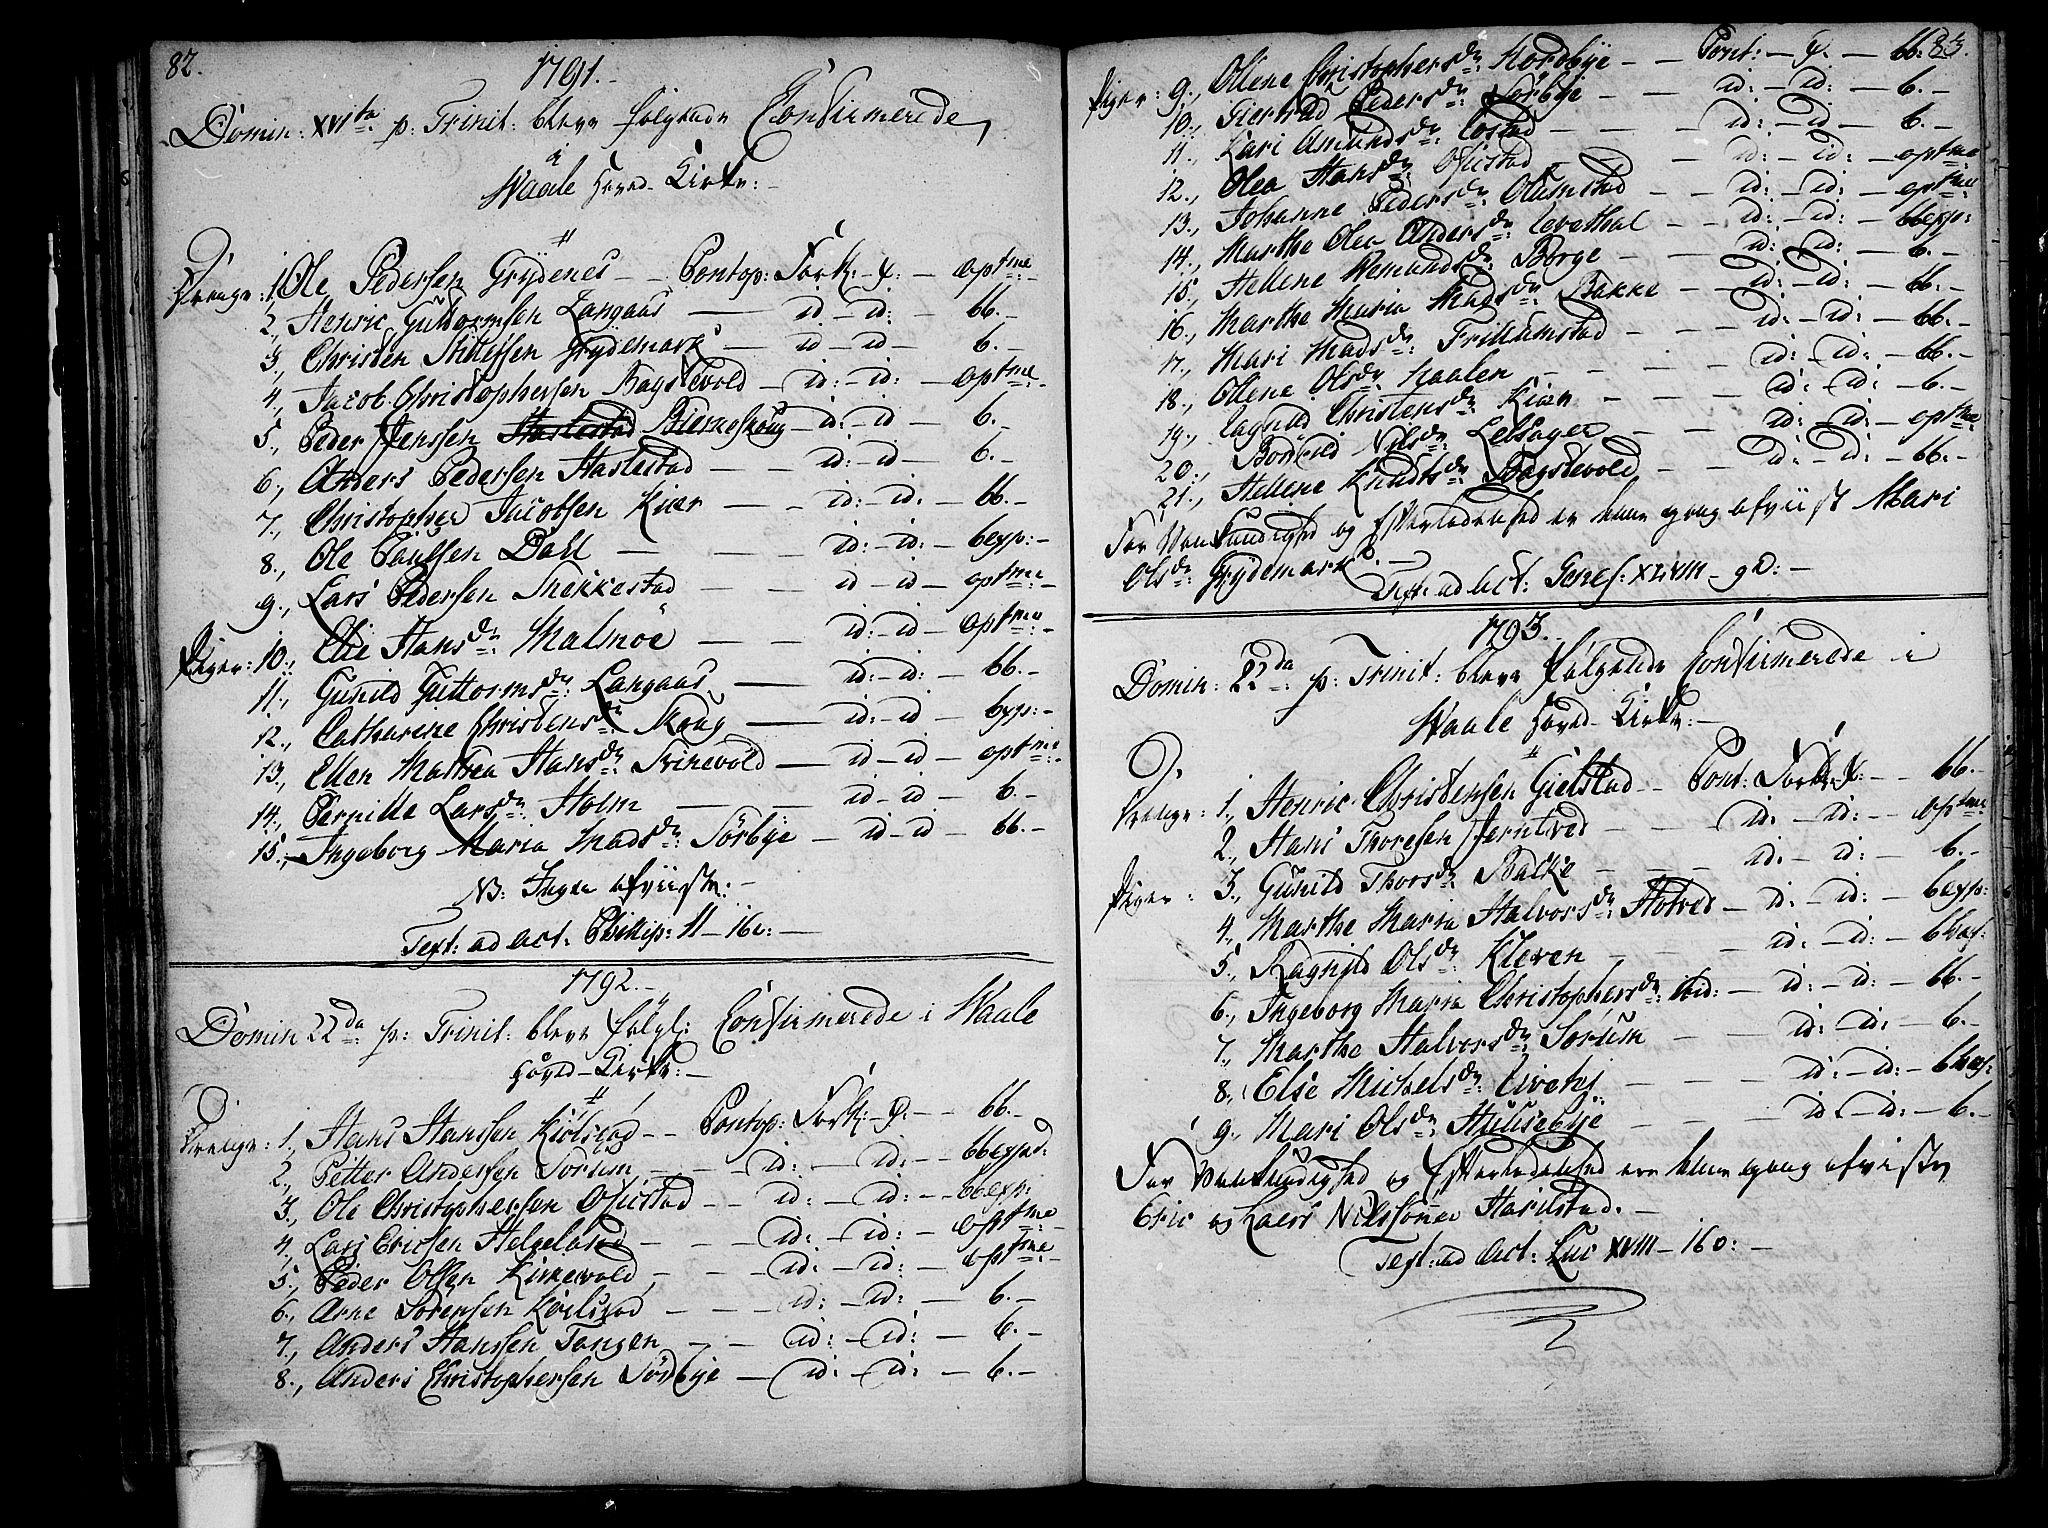 SAKO, Våle kirkebøker, F/Fa/L0005: Ministerialbok nr. I 5, 1773-1808, s. 82-83